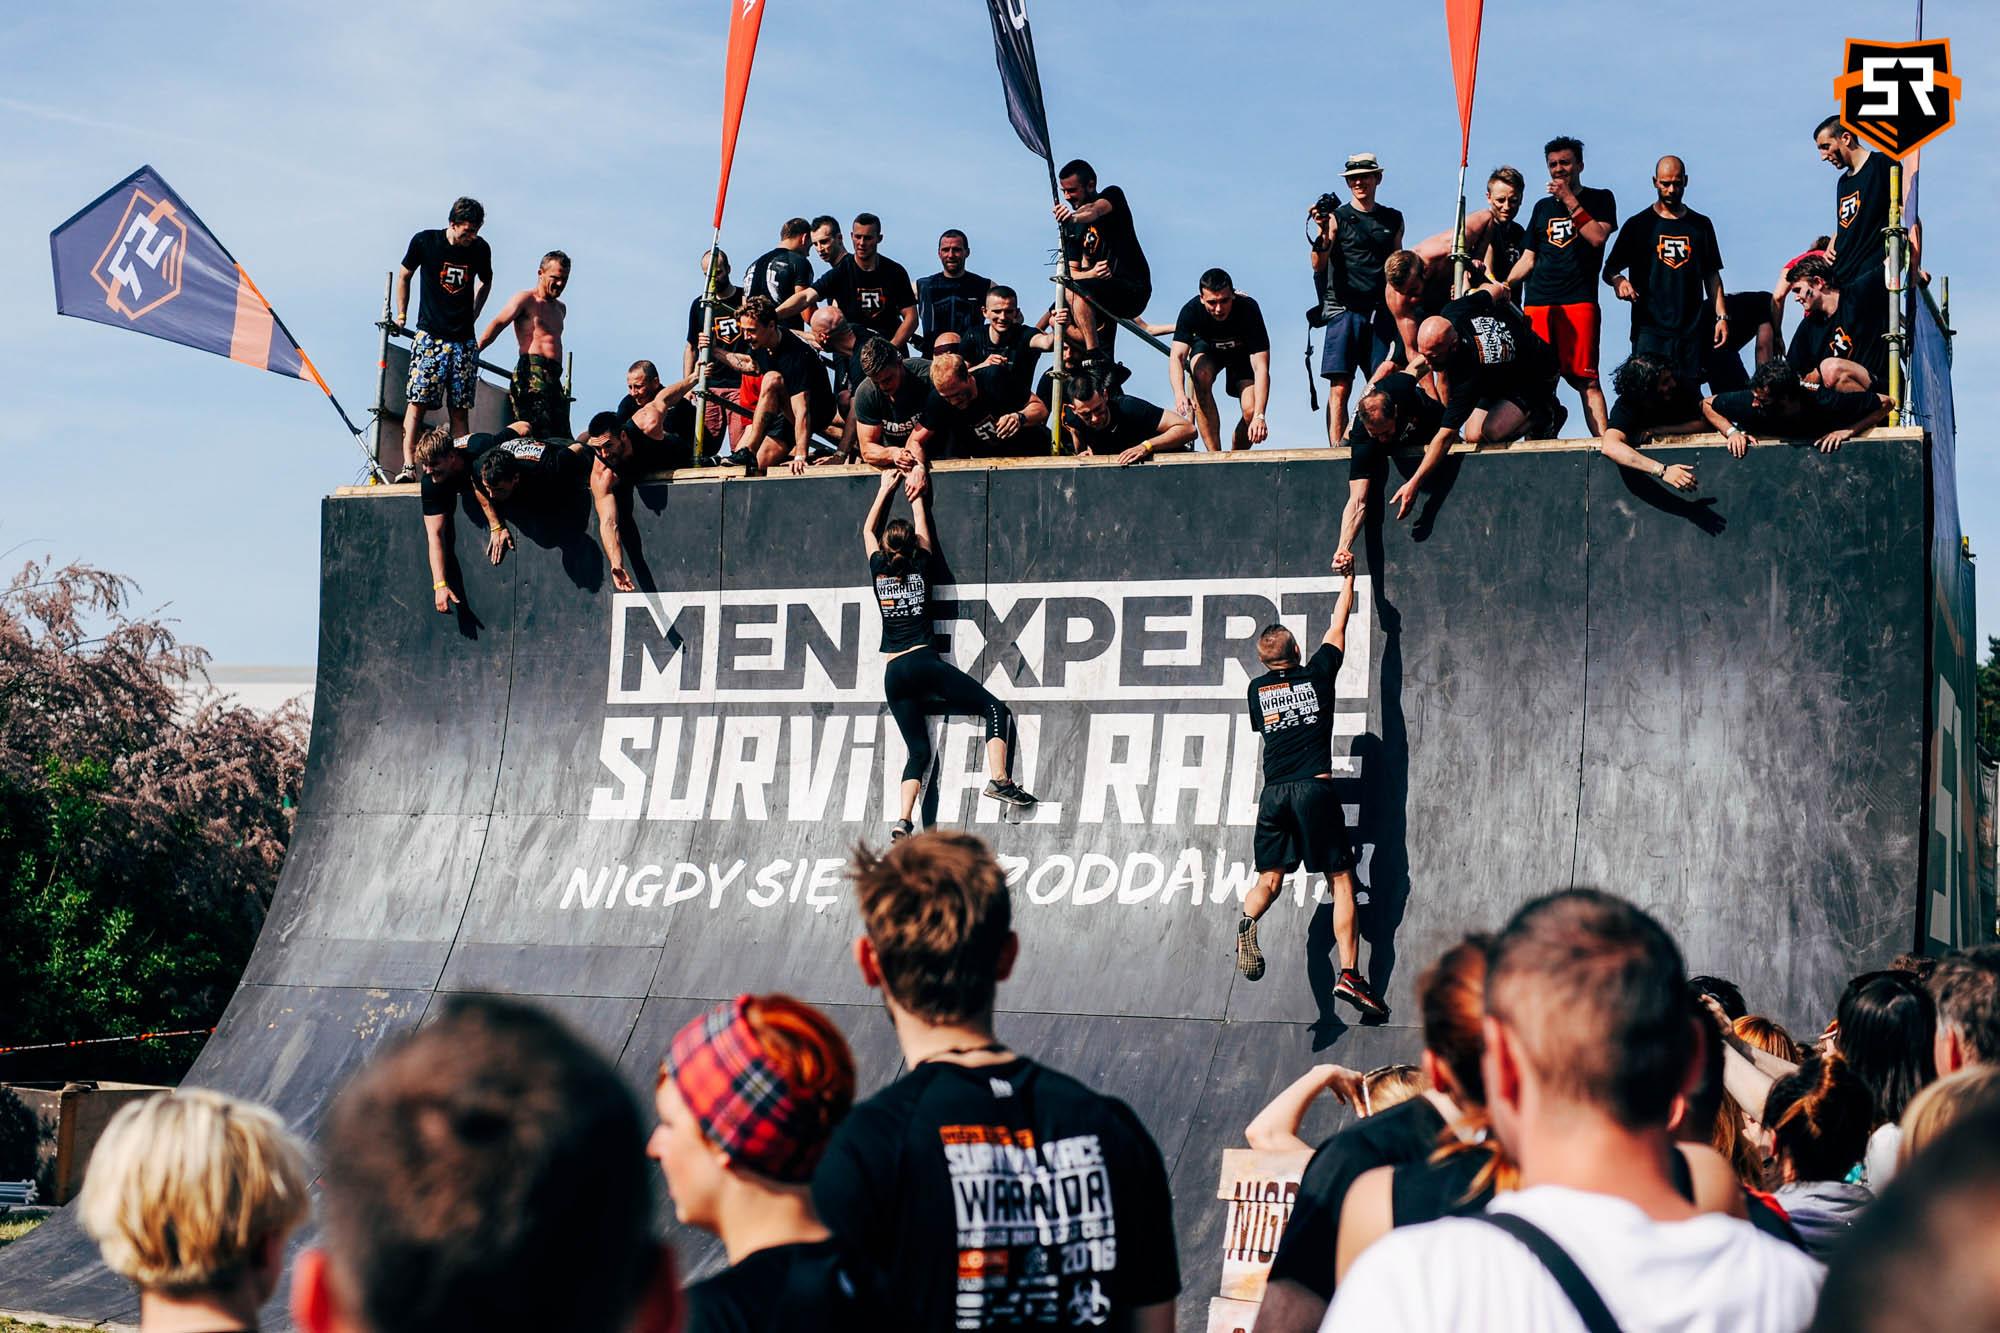 Oficjalna fotorelacja z Men Expert Survival Race 2016 Wrocław by Maksym Rudnik. Sprawdź kolejne edycje na www.survivalrace.pl